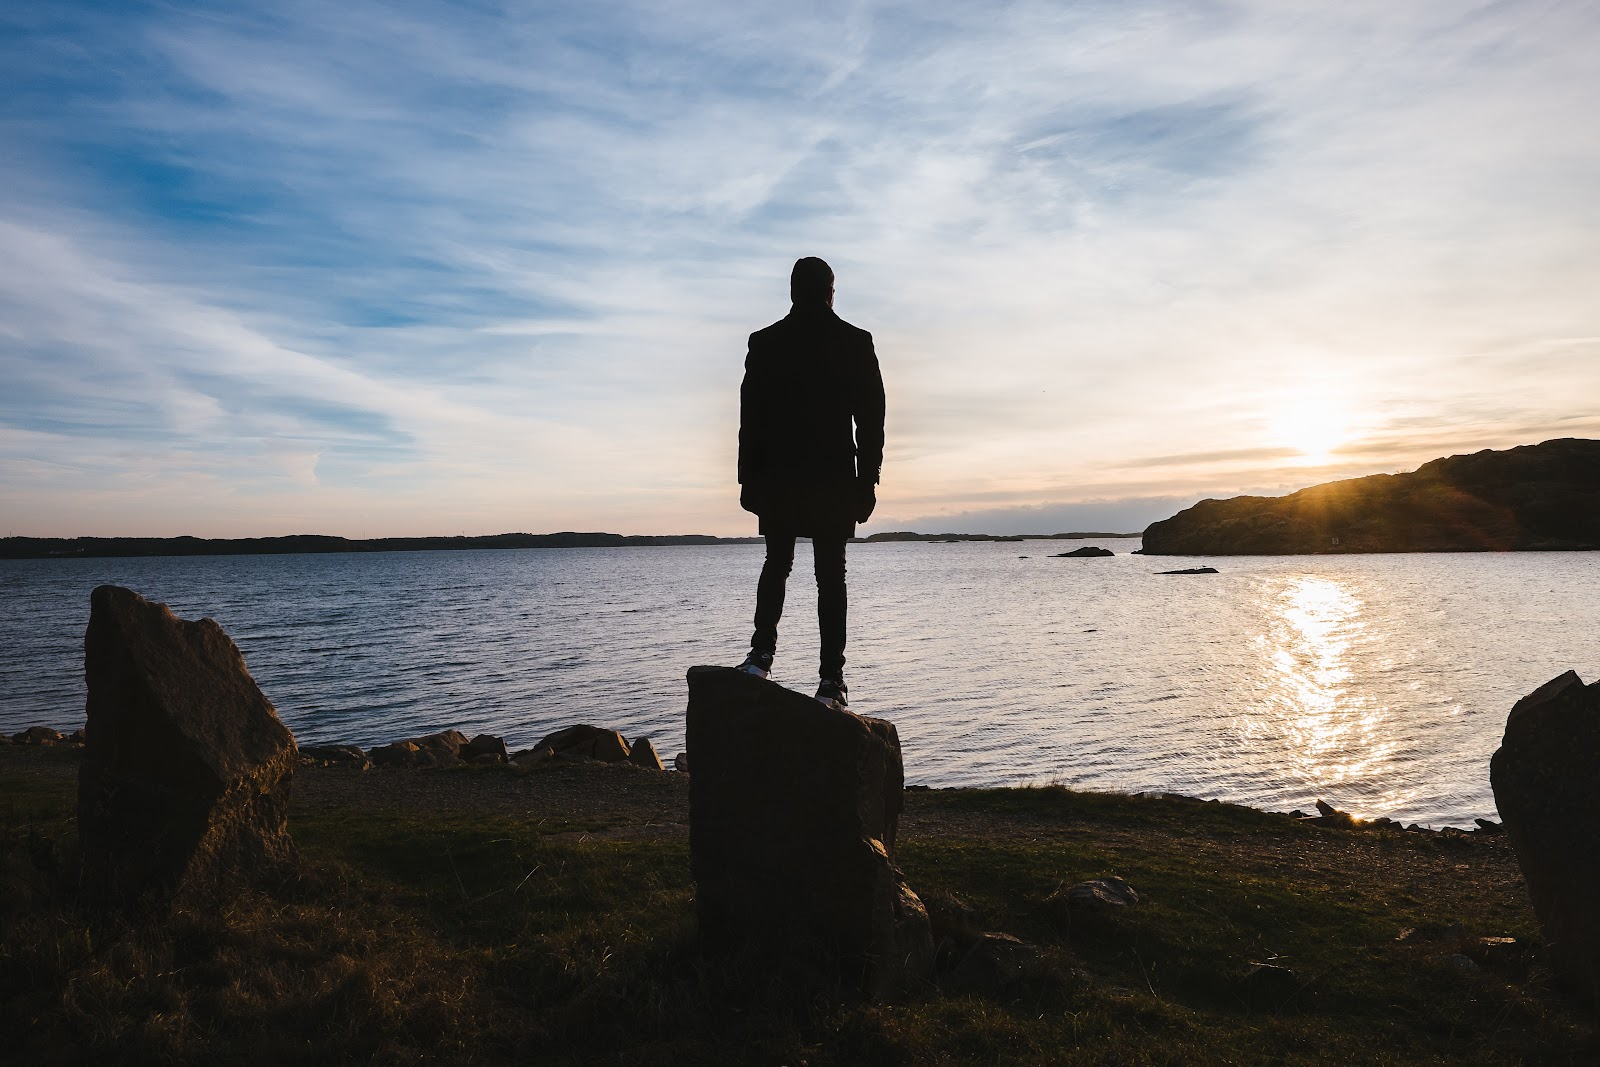 Une personne de dos regardant la vaste expanse de la mer et le coucher du soleil se demandant si ses choix de consommation peuvent avoir un vrai impact sur l'environnement.